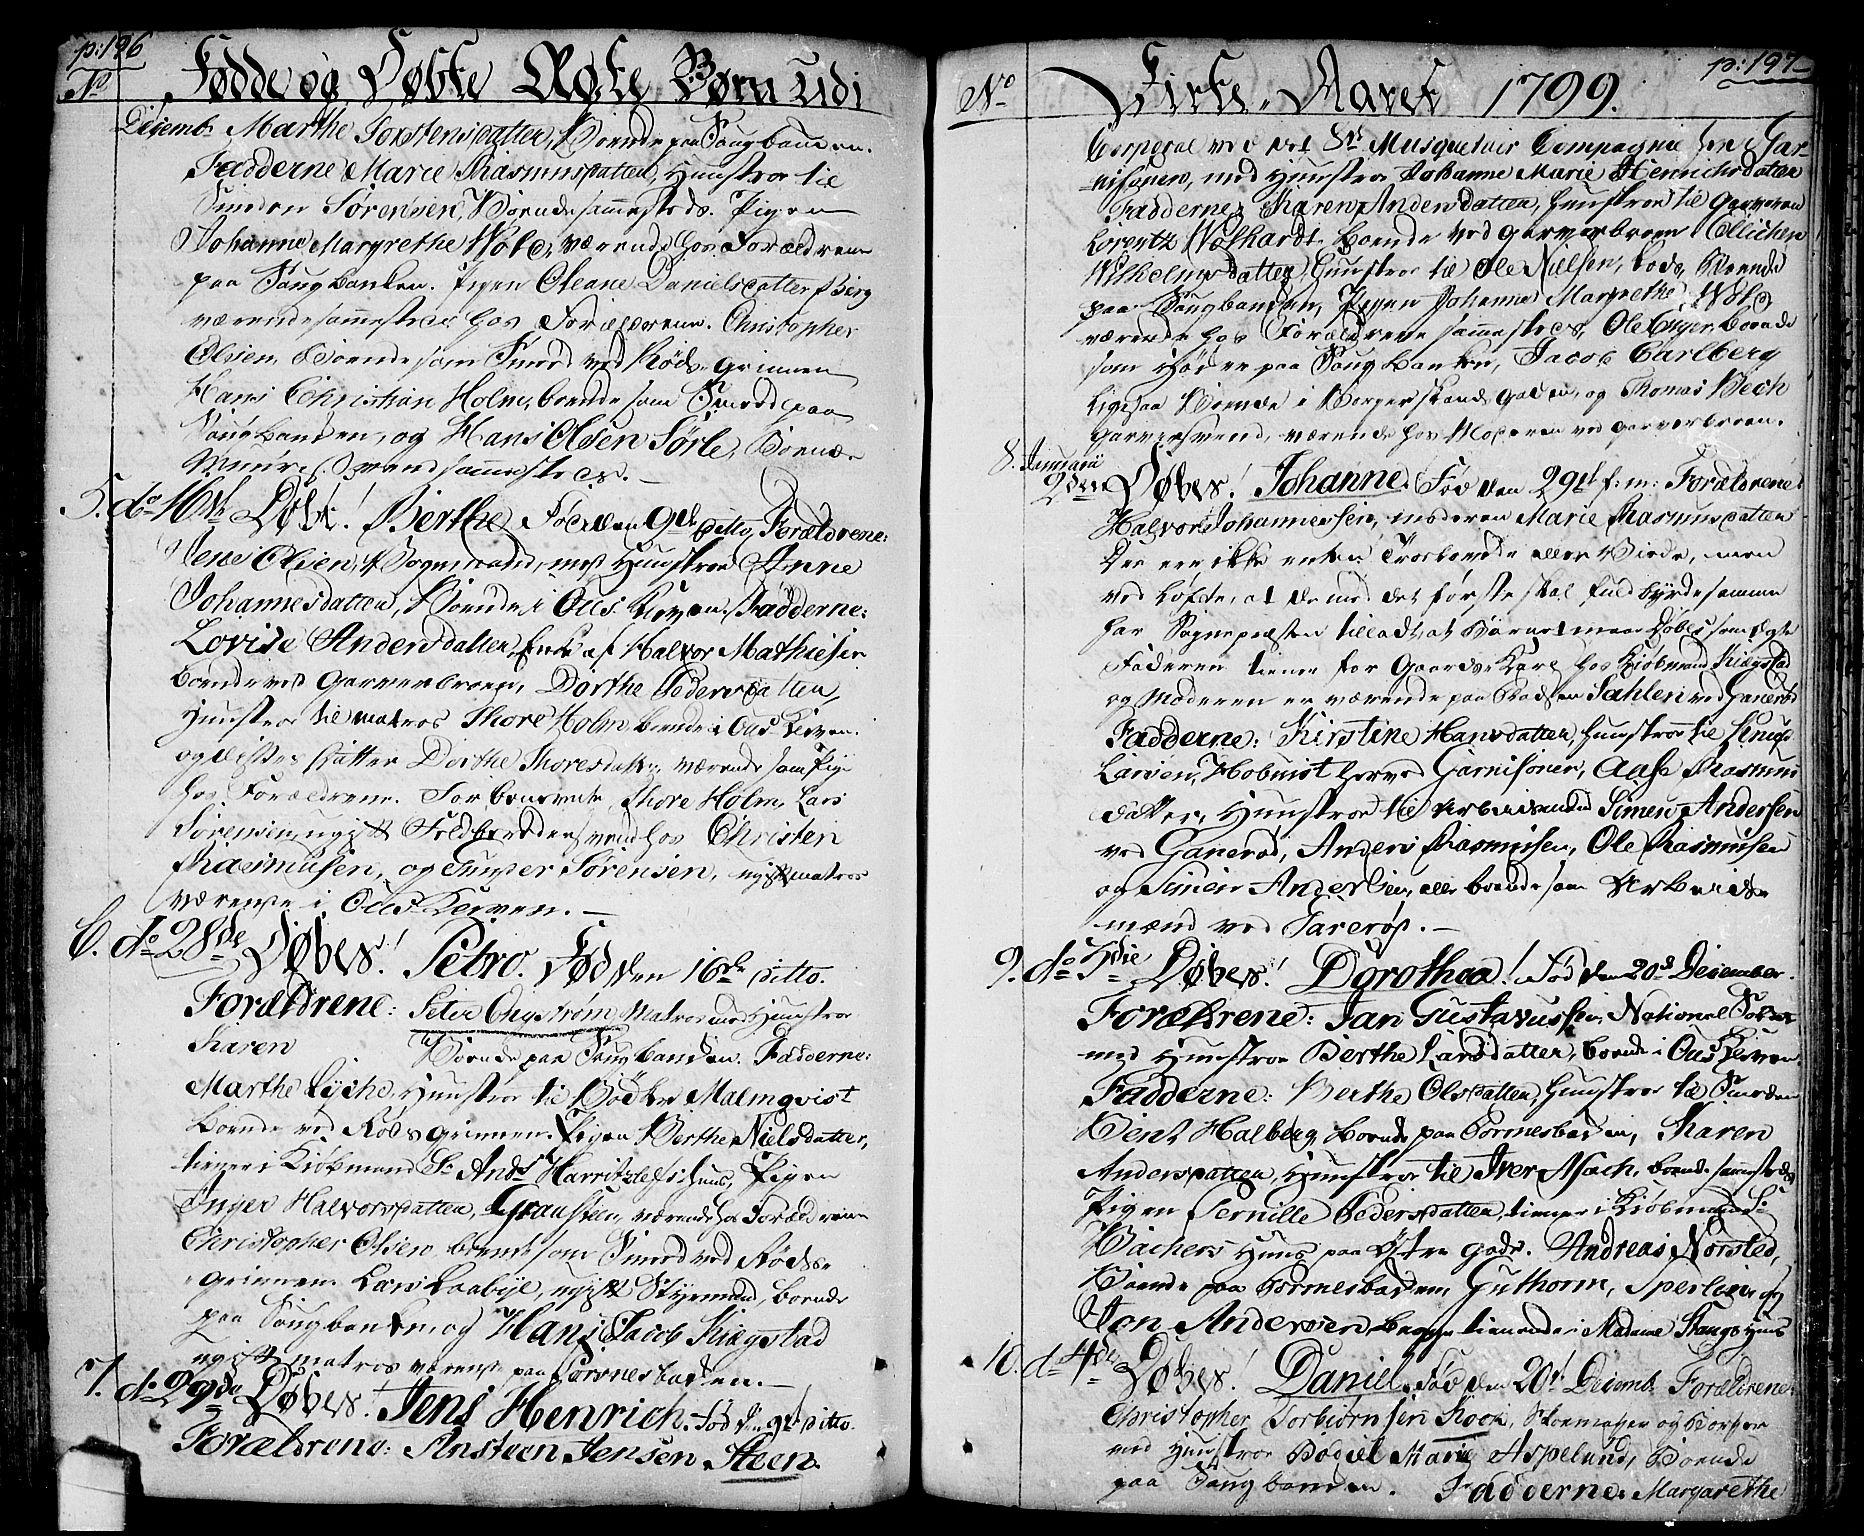 SAO, Halden prestekontor Kirkebøker, F/Fa/L0002: Ministerialbok nr. I 2, 1792-1812, s. 196-197